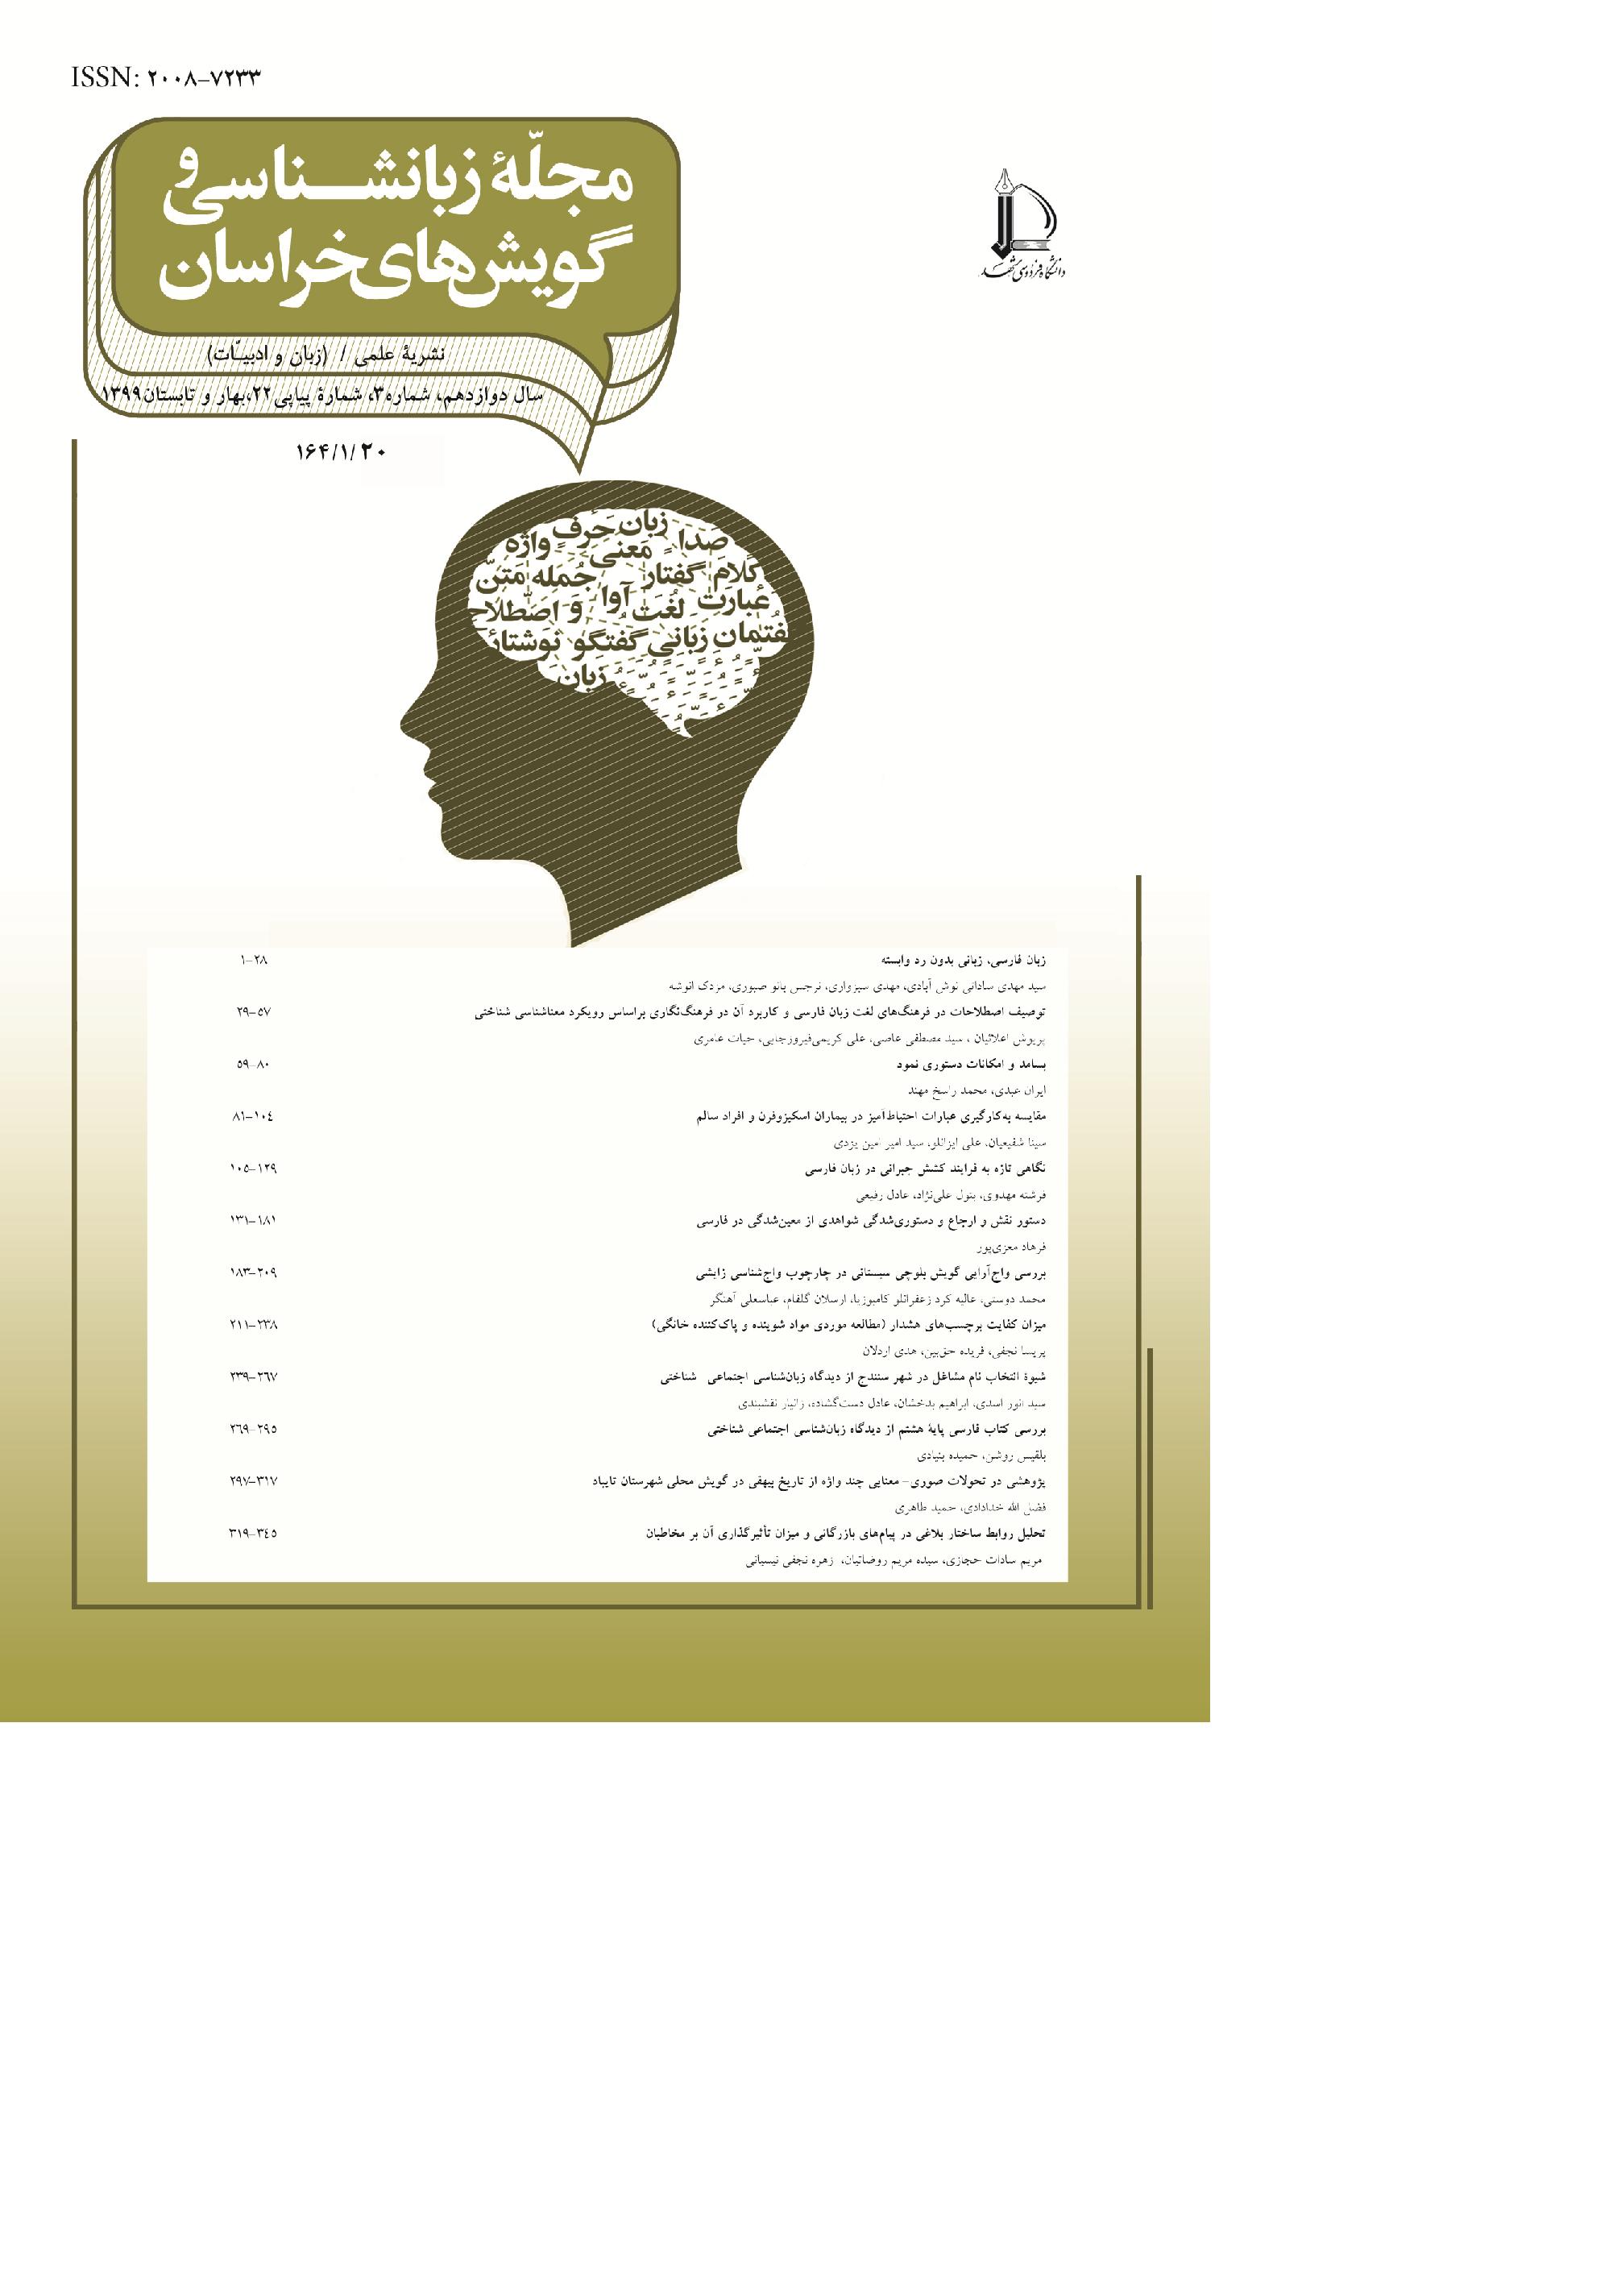 زبانشناسی و گویش های خراسان